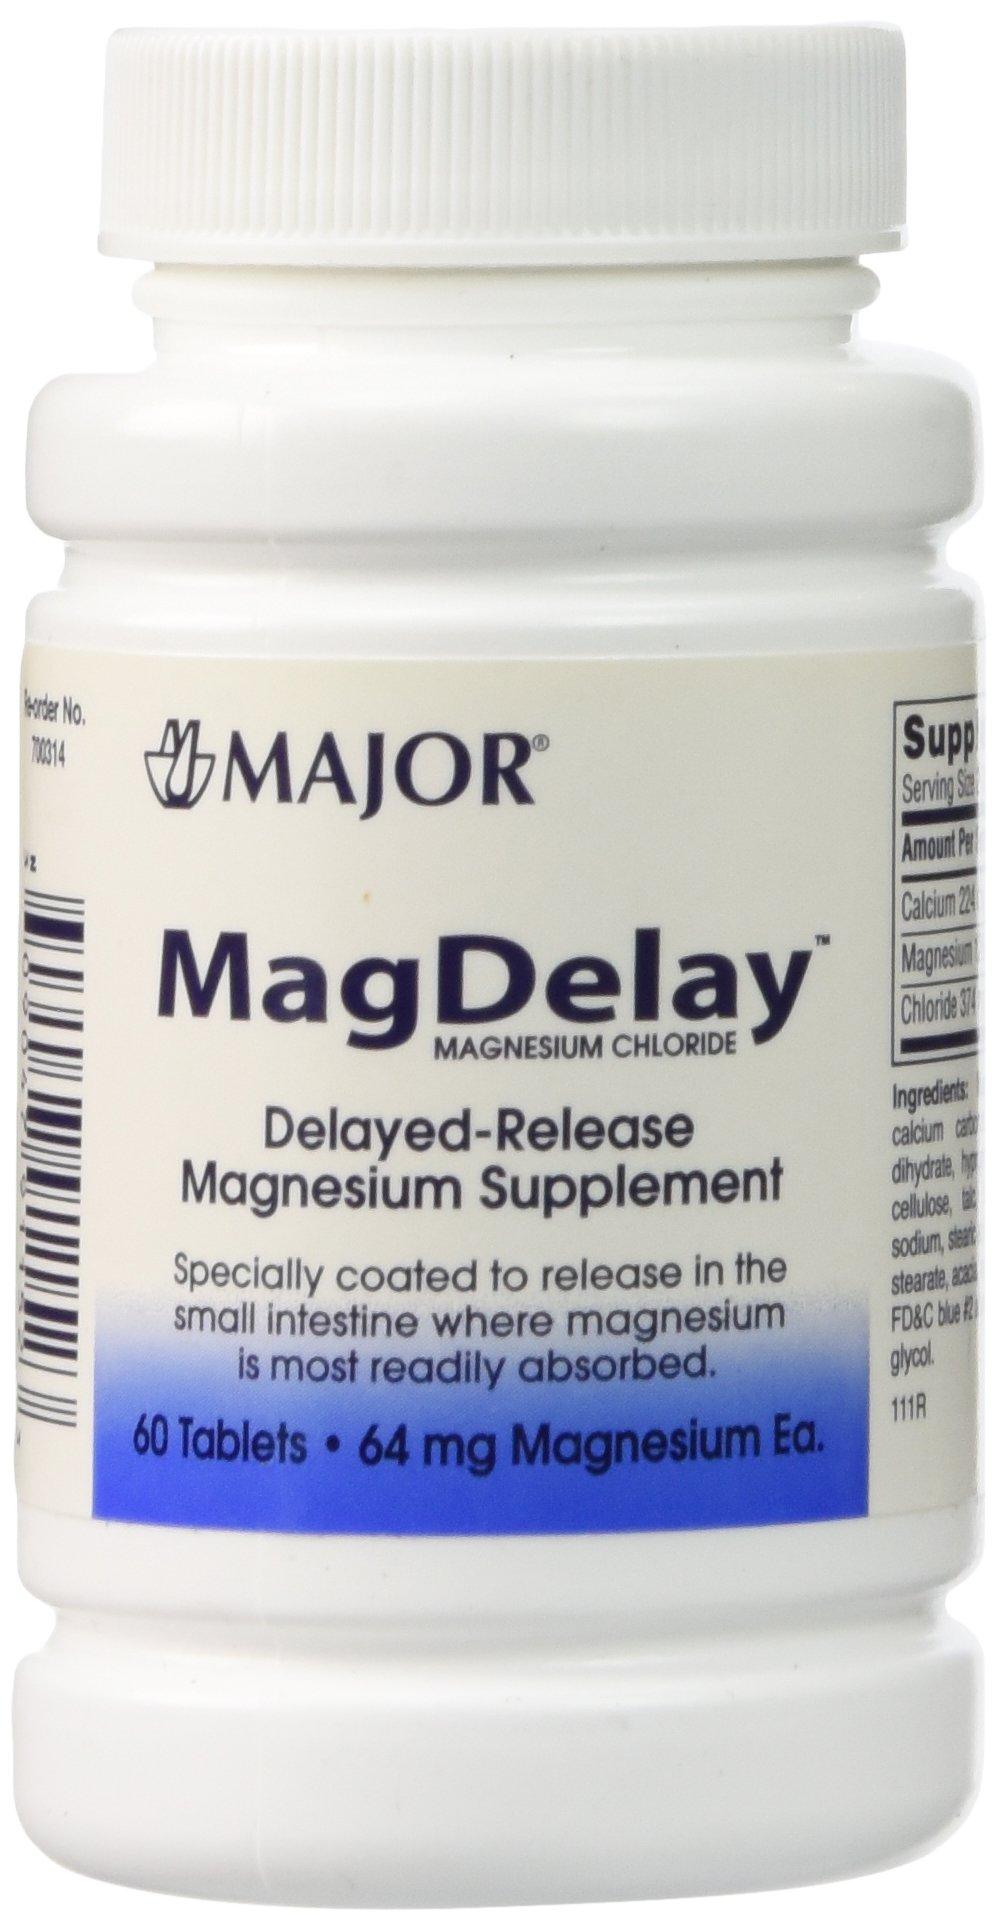 Magdelay Reviews